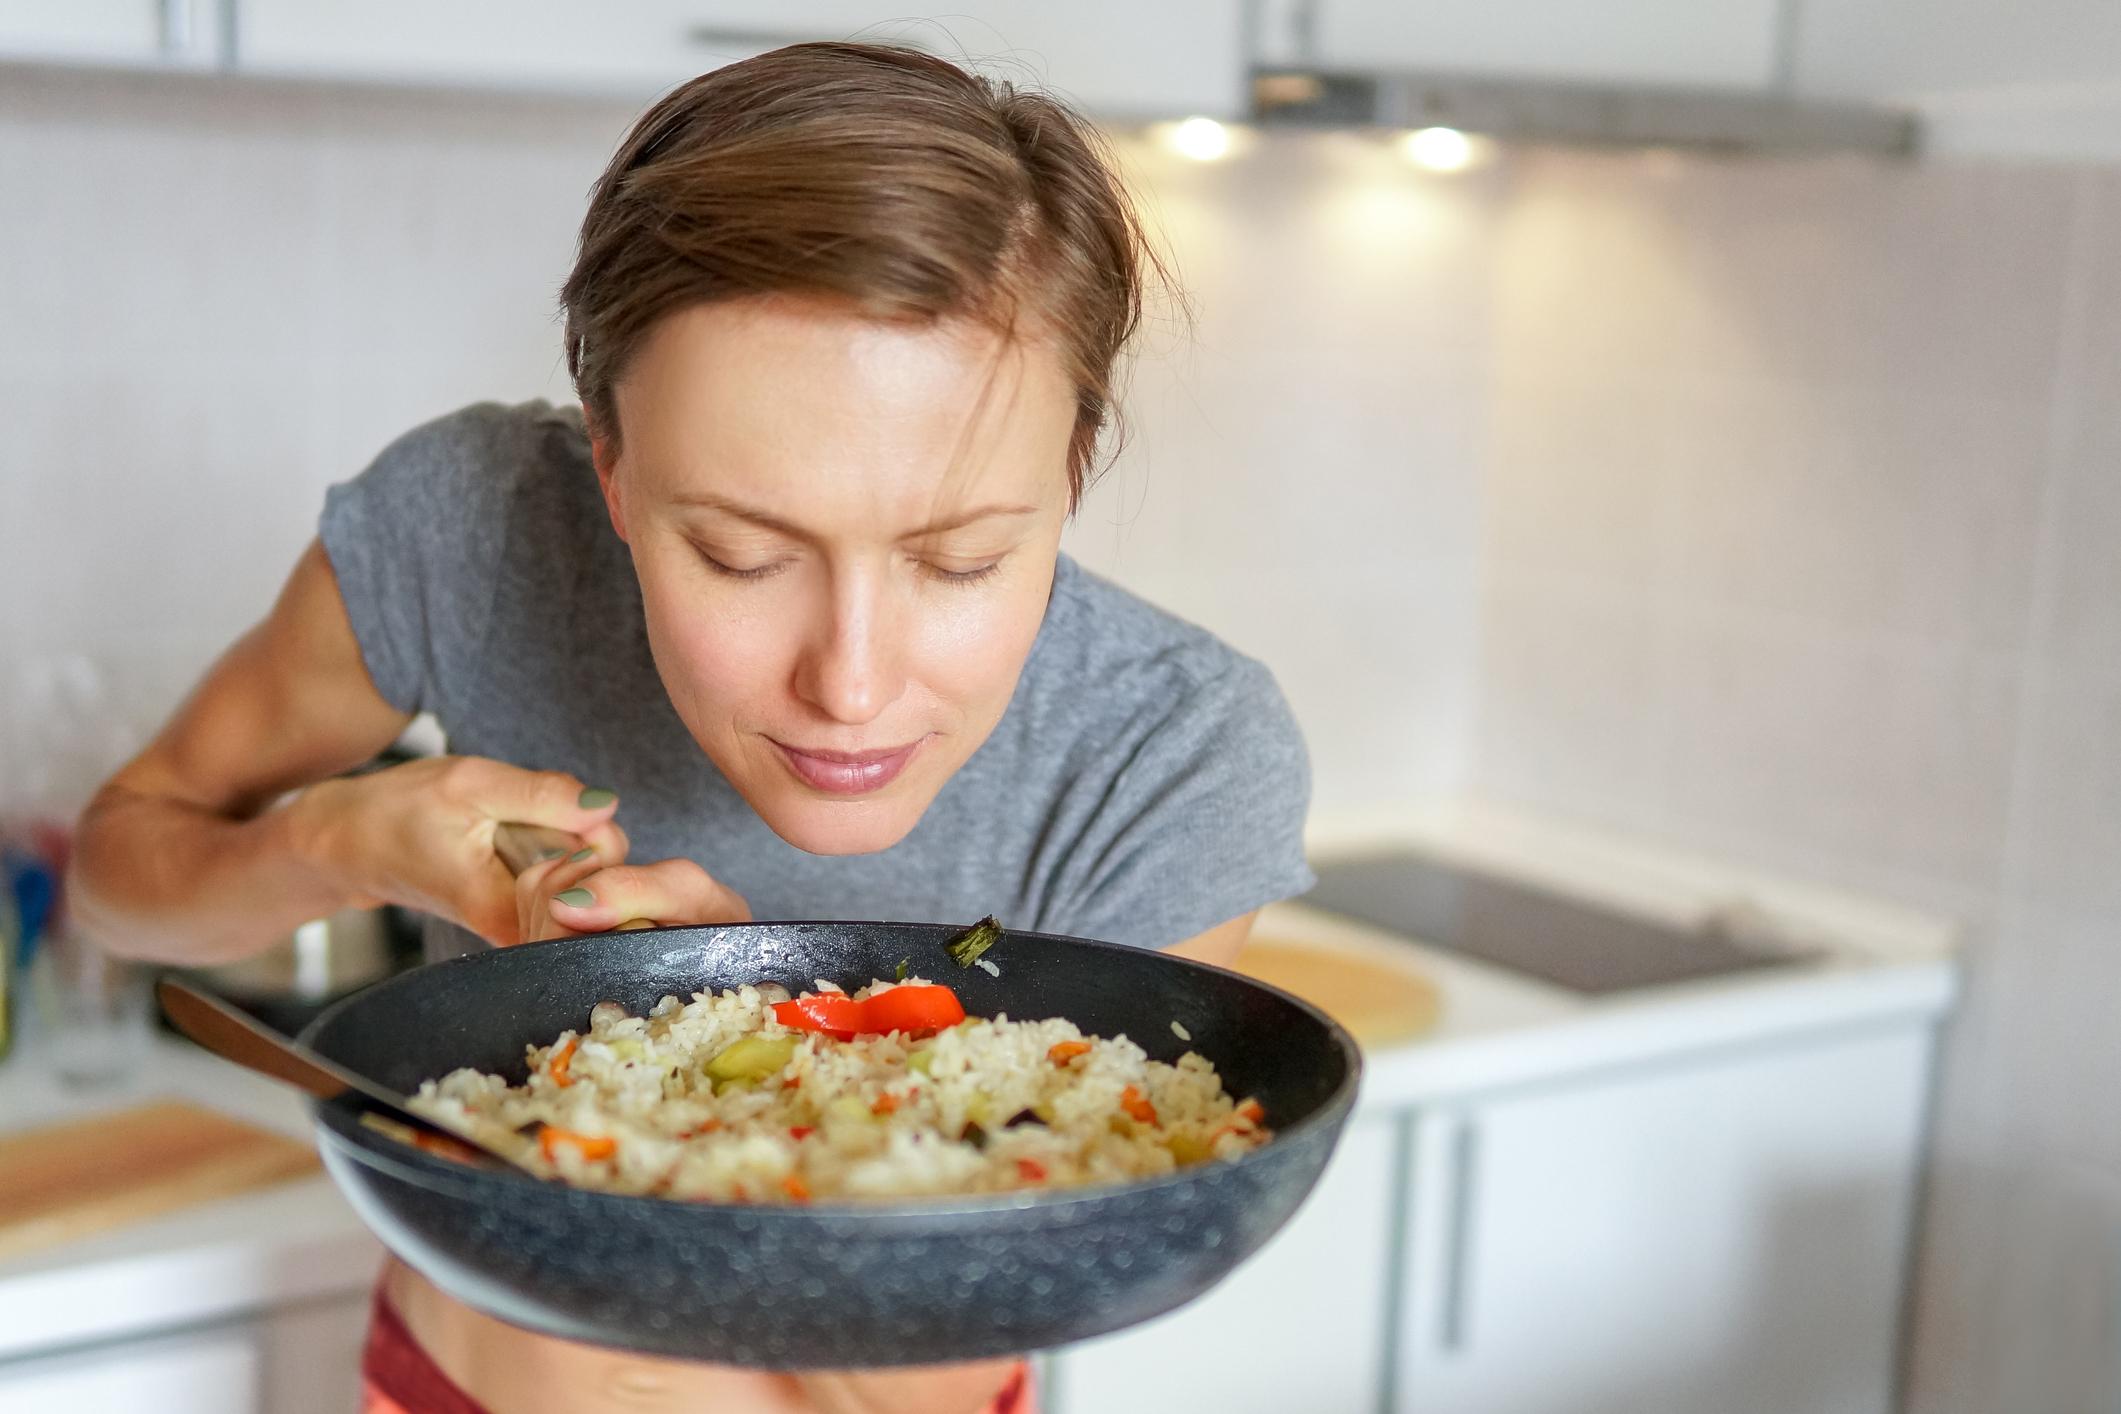 Riža ima nizak udio masti te održava stabilnu razinu šećera u krvi, što je važno jer se tako zaustavlja izlučivanje inzulina.